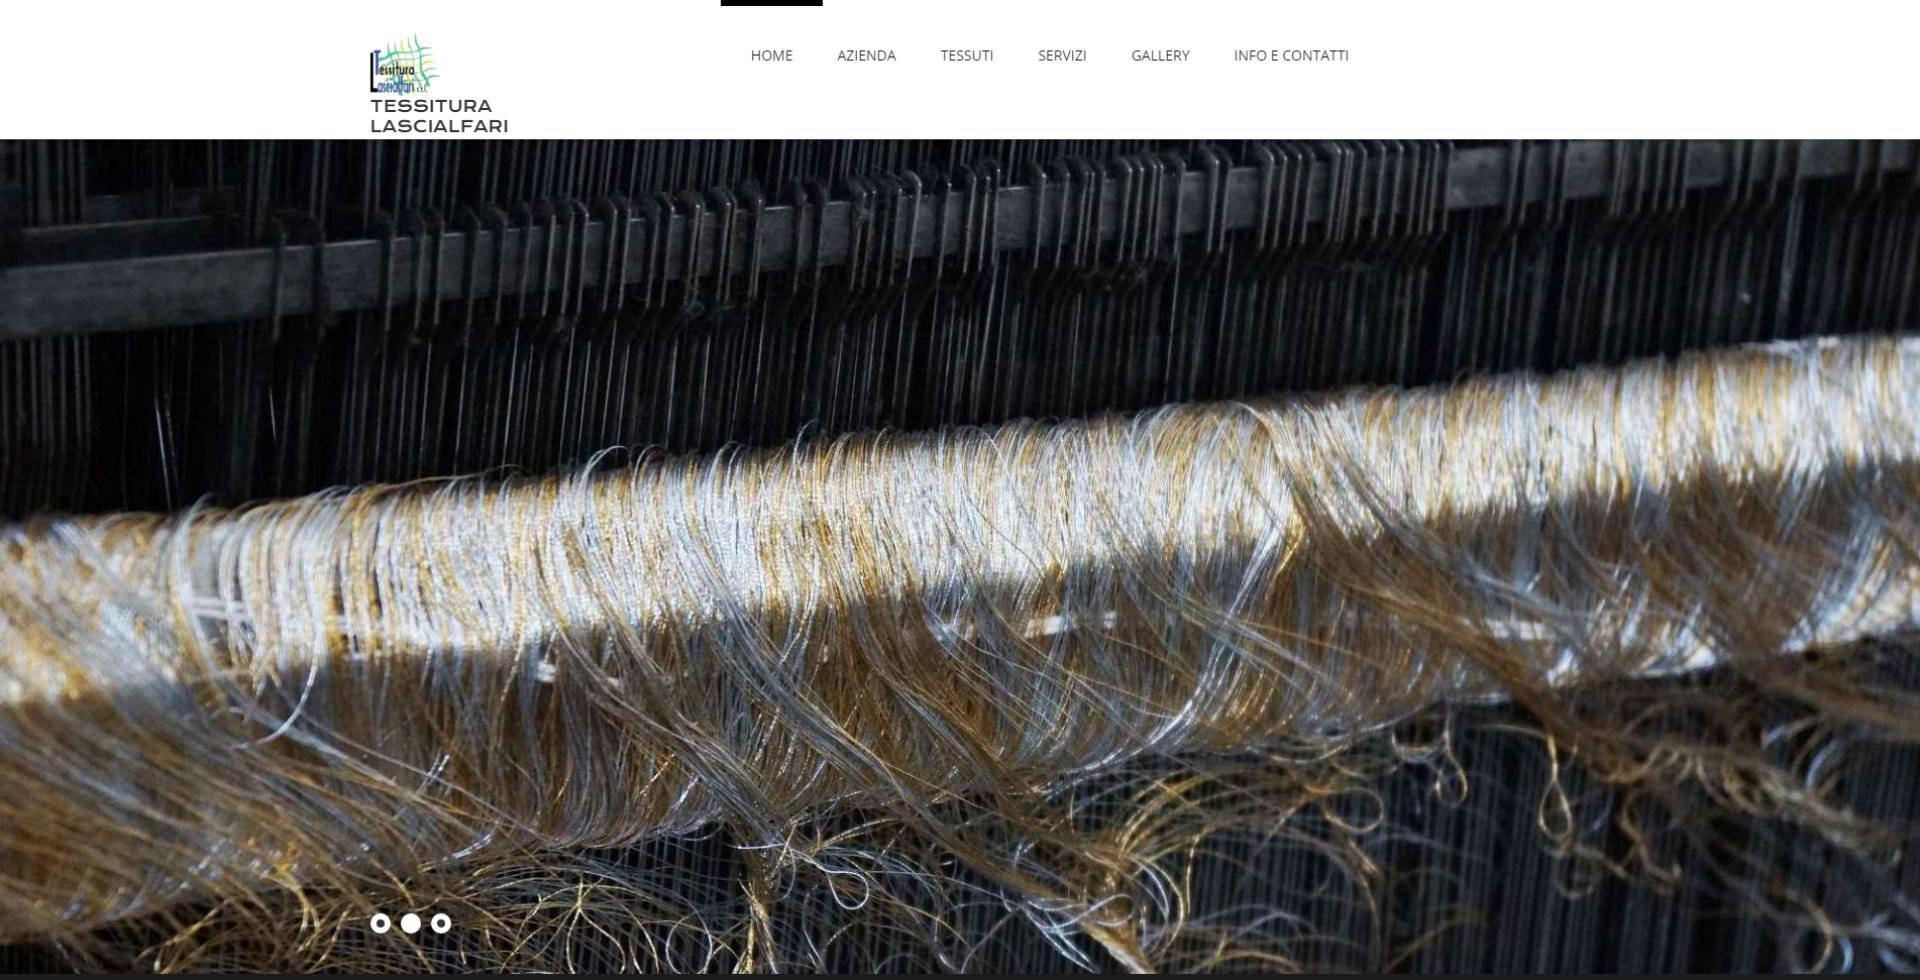 immagine home page del sito Tessitura Lascialfari